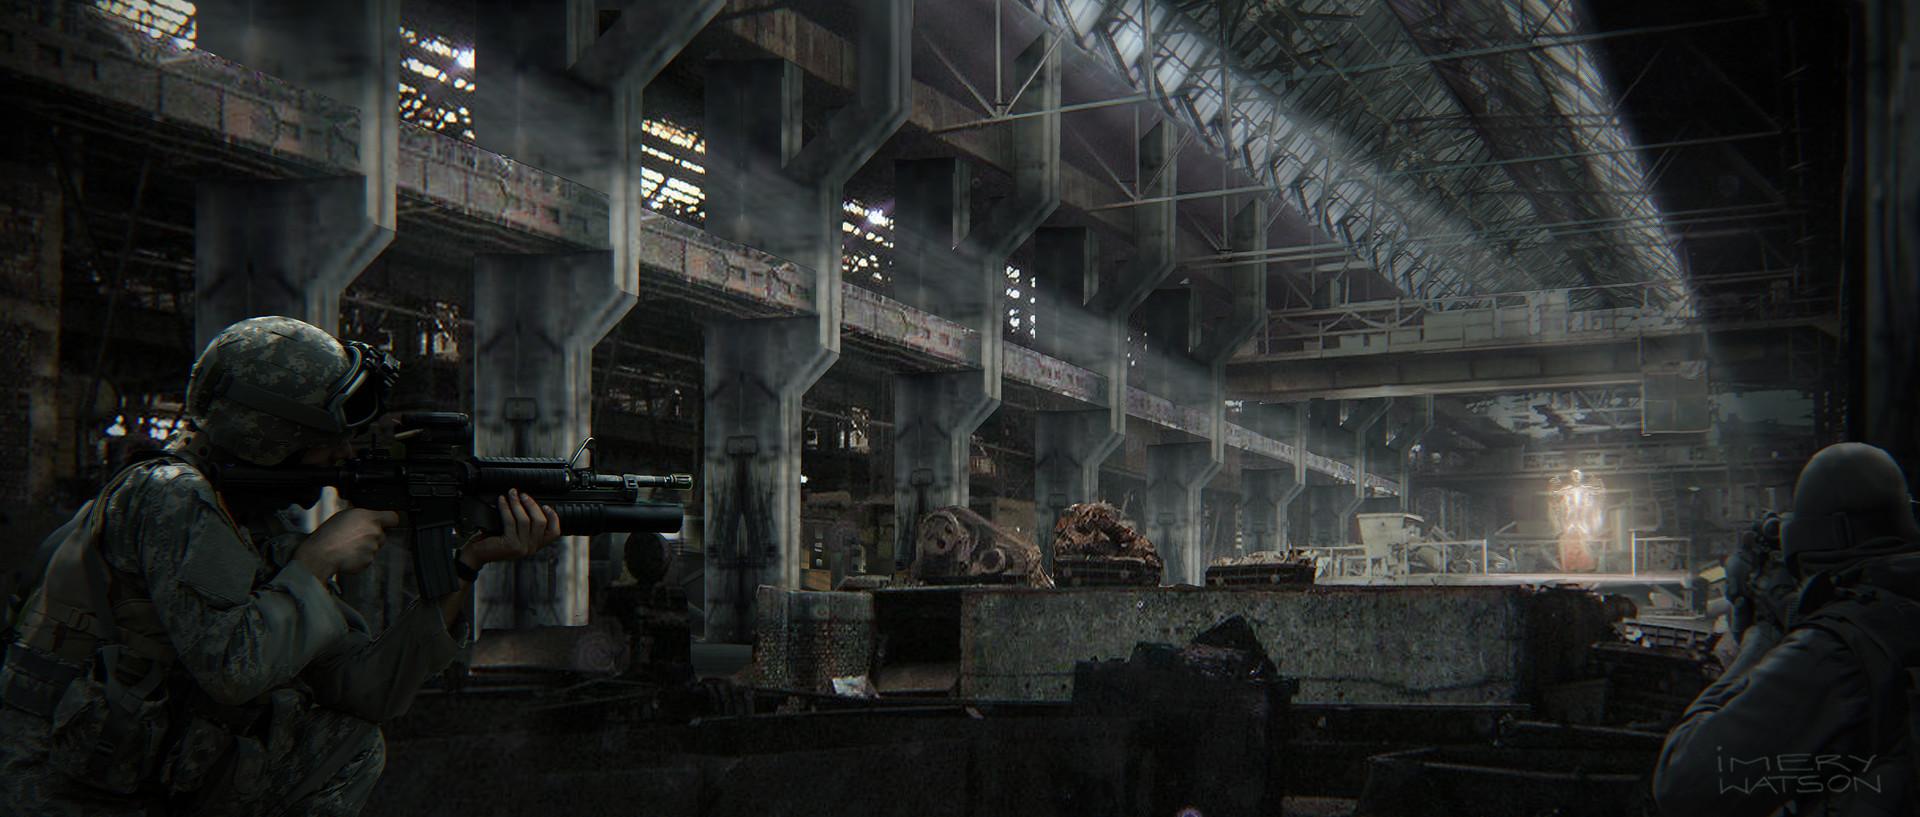 Imery watson factory